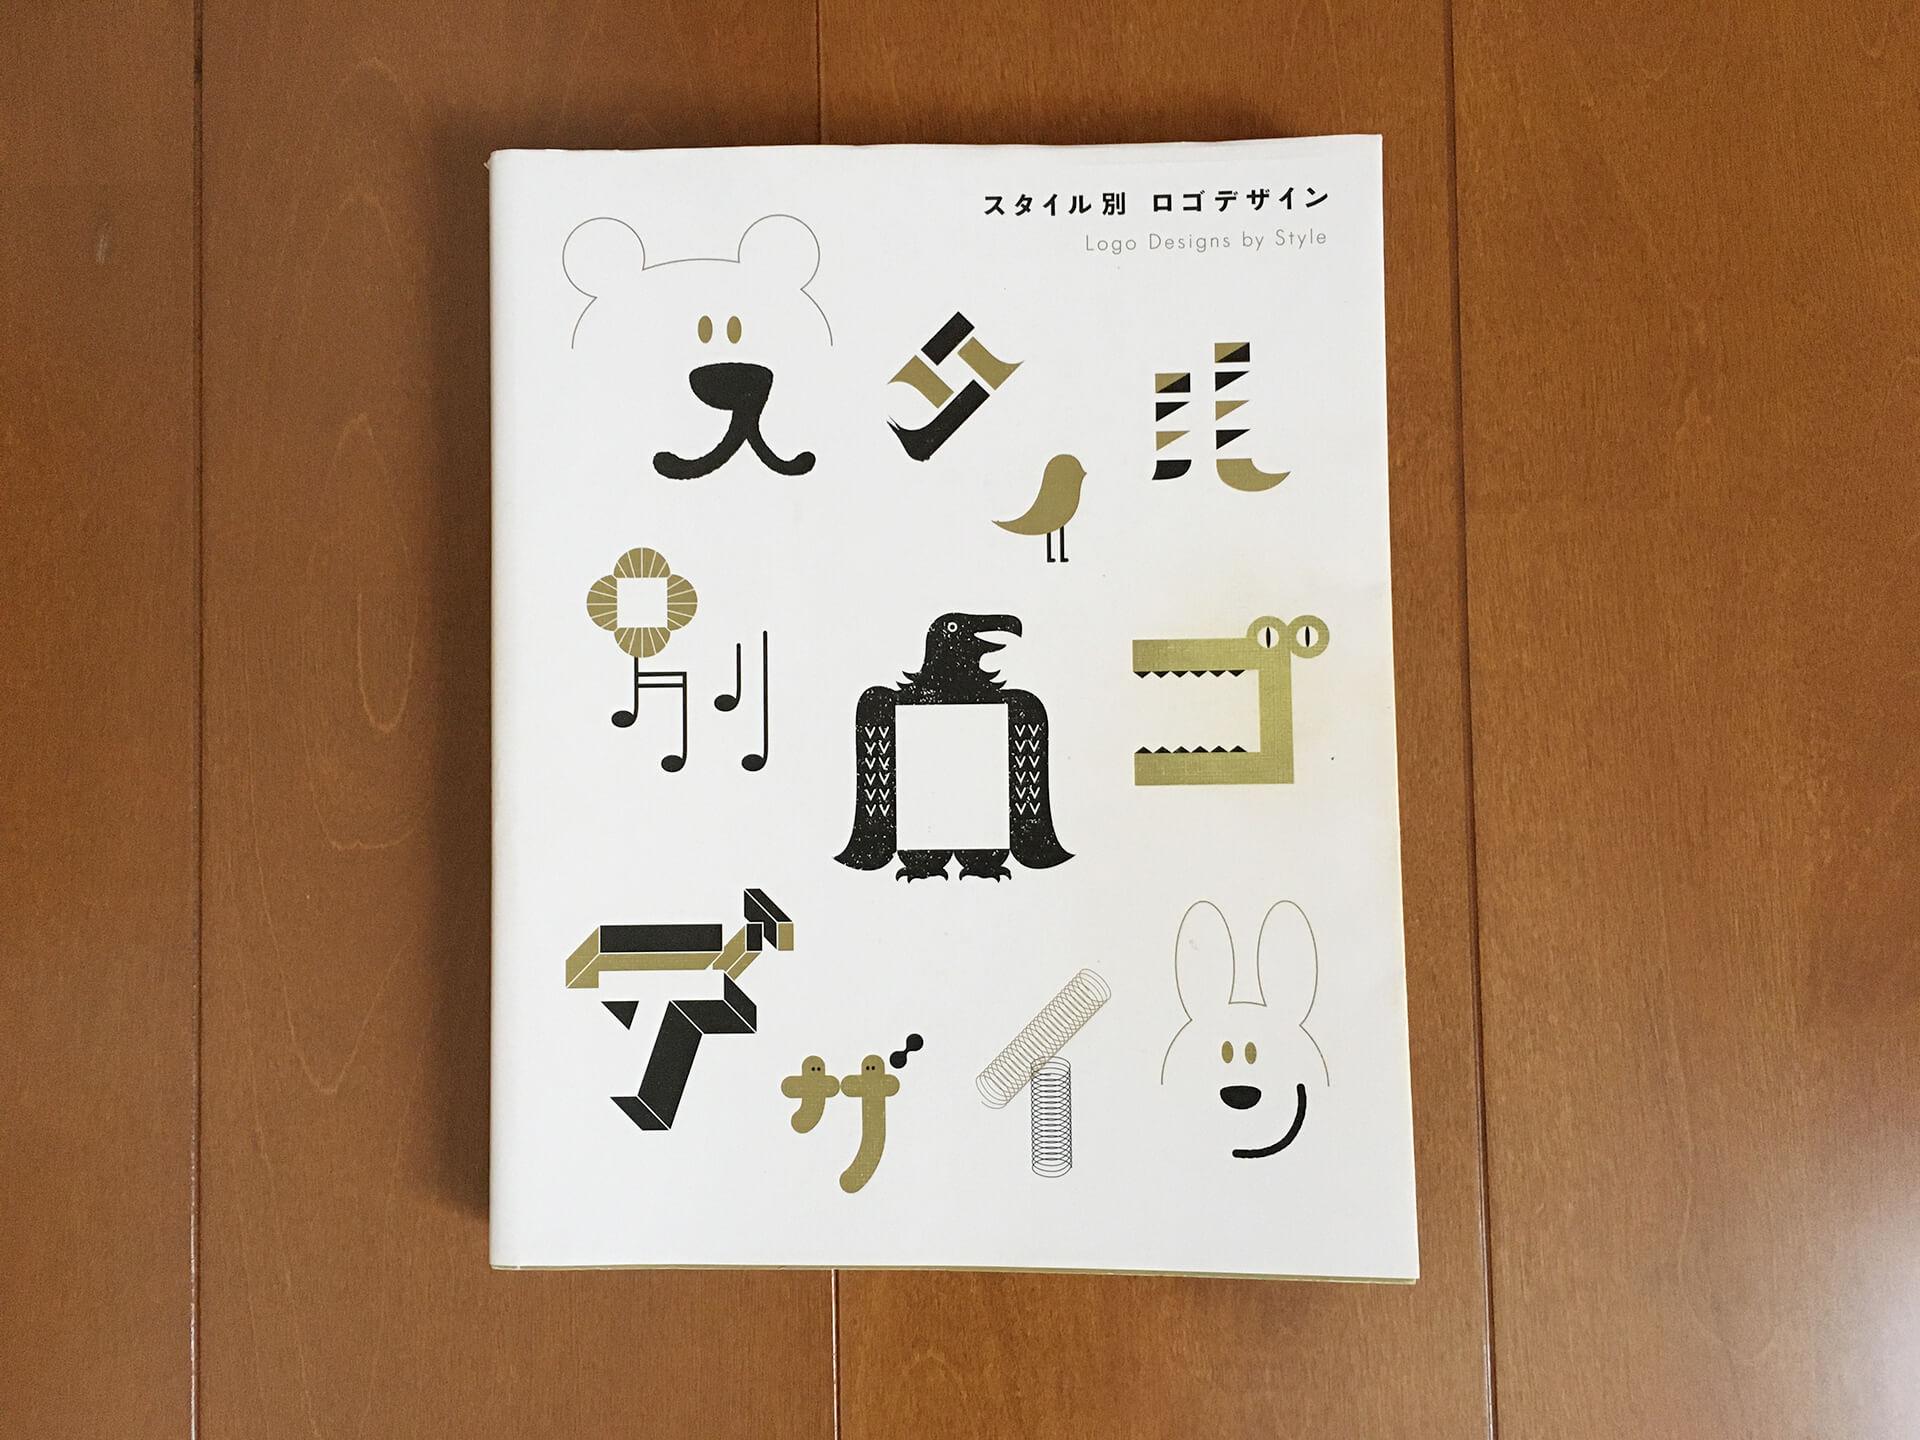 ロゴデザインの参考書を3冊ご紹介